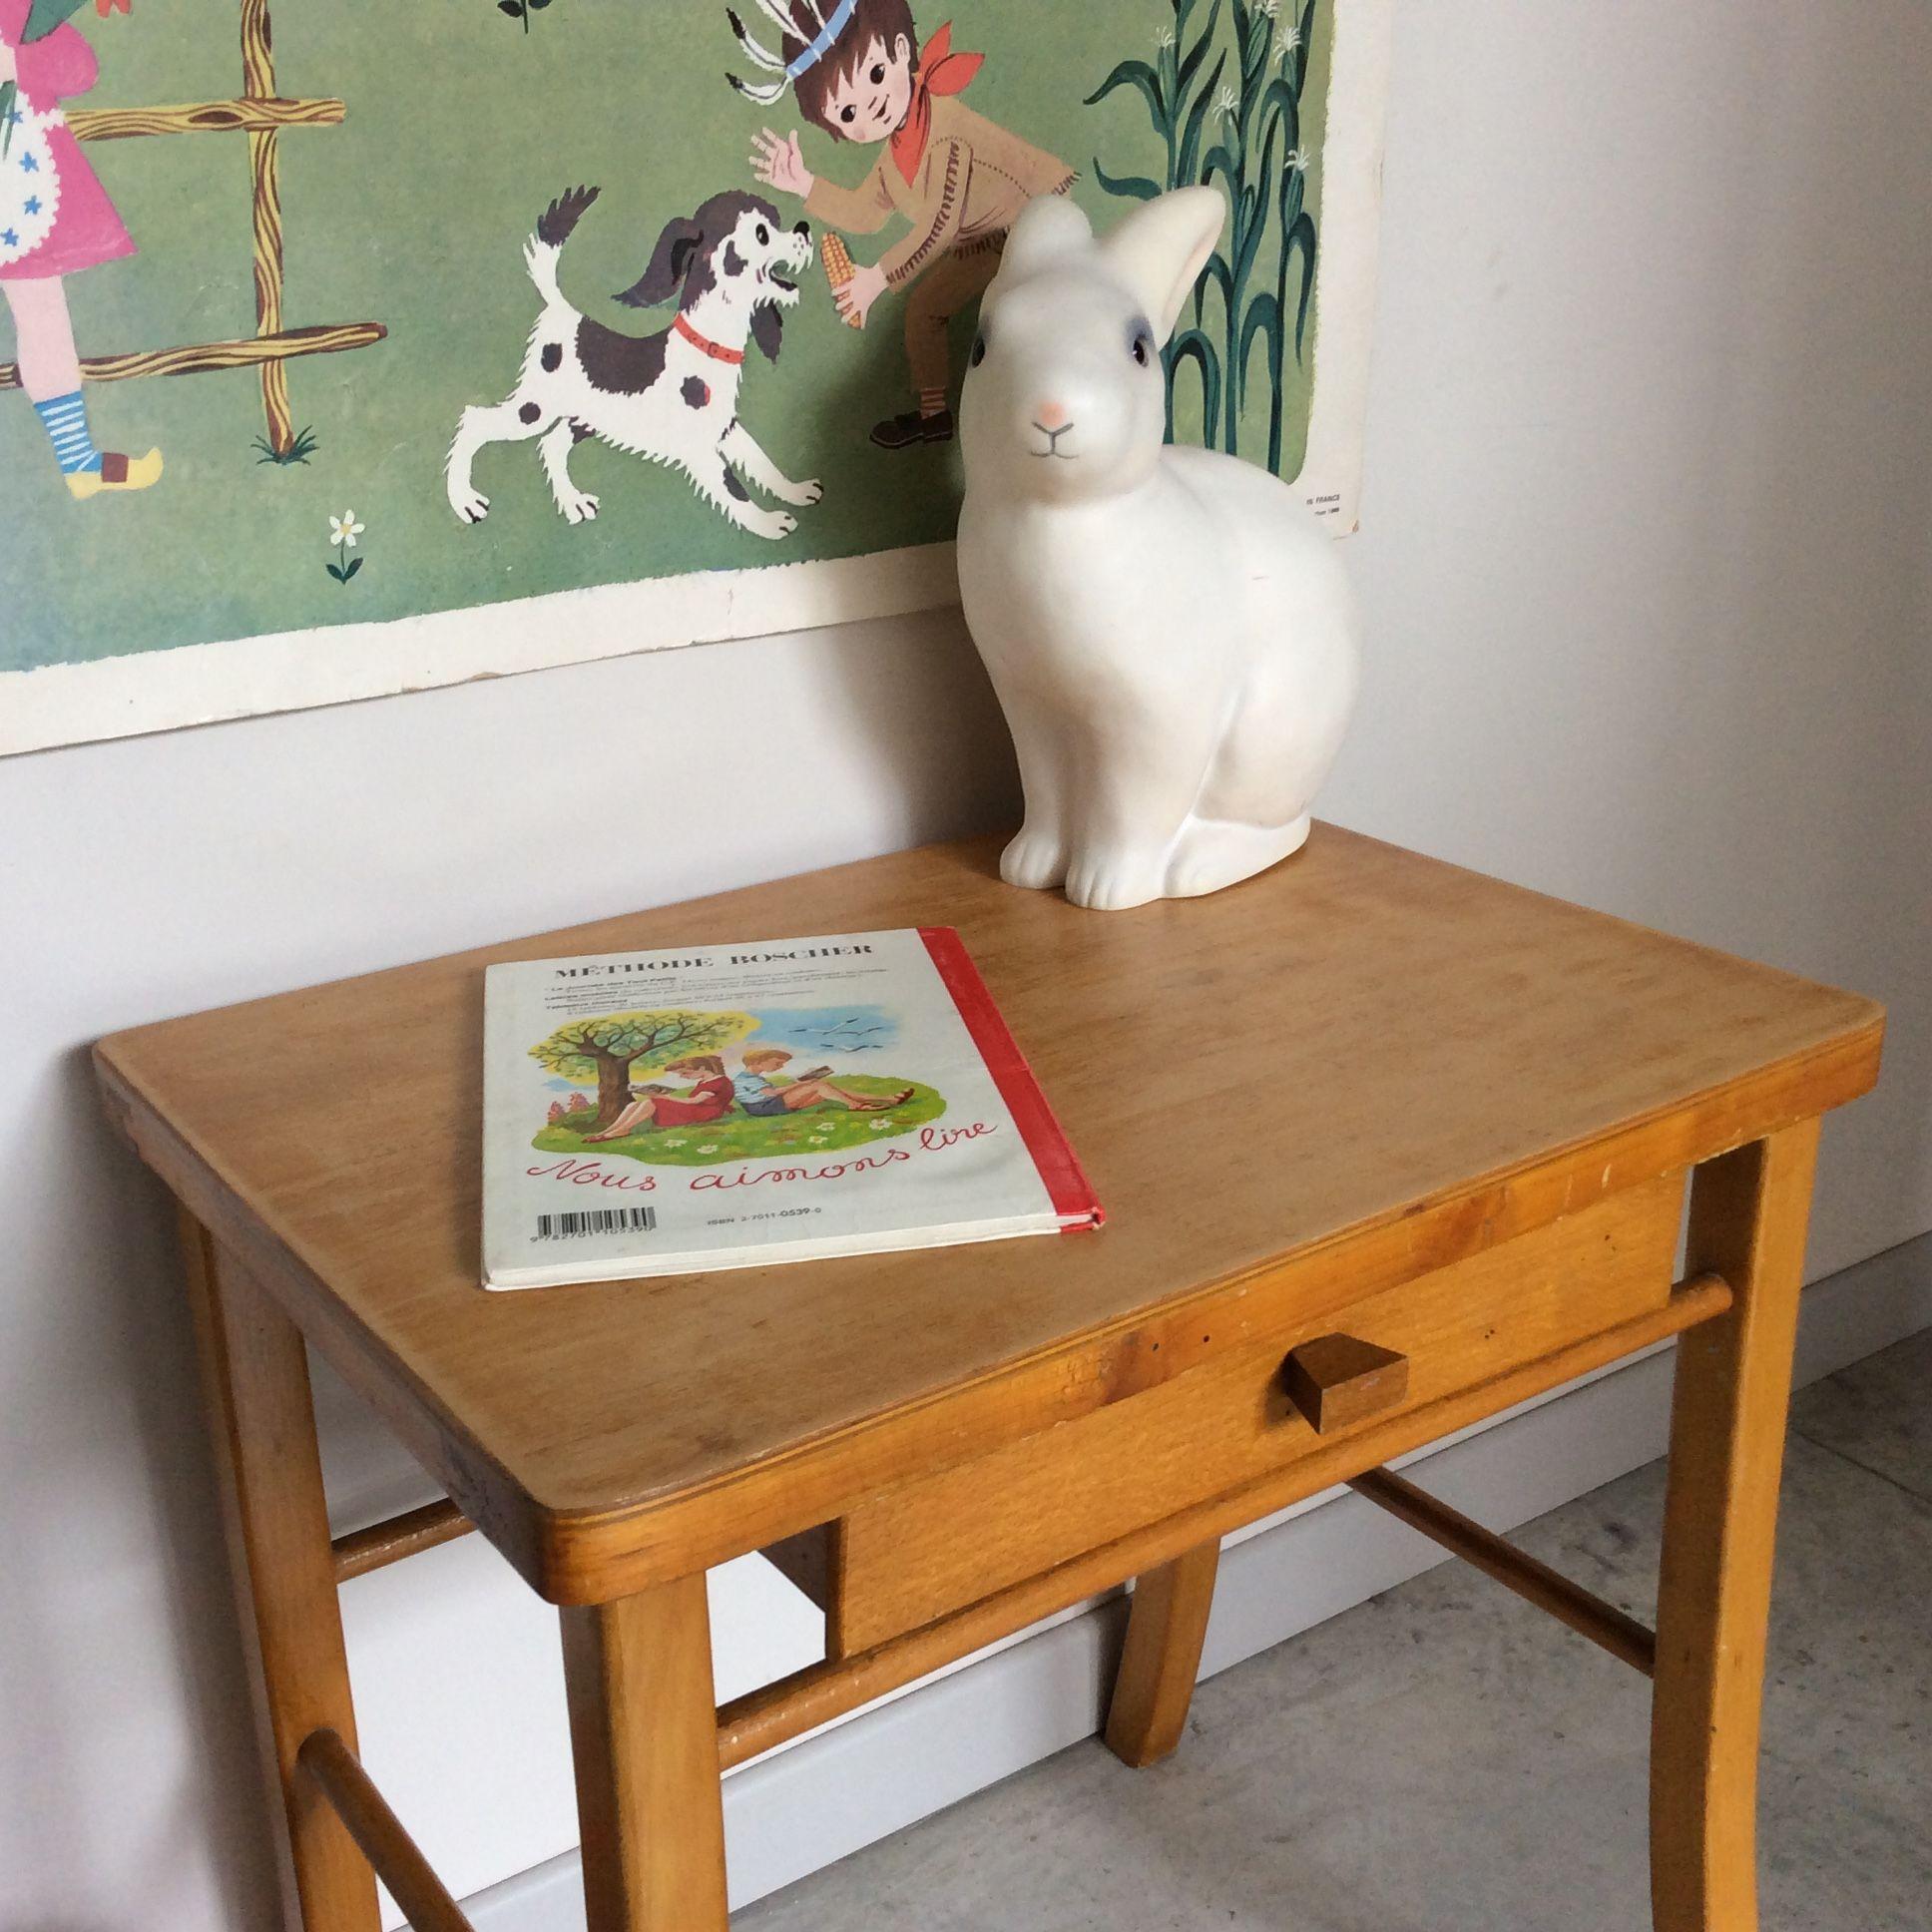 bureau enfantjoli petit bureau d 39 enfant en bois avec tiroir dimensions du plateau 49 5 x 39. Black Bedroom Furniture Sets. Home Design Ideas